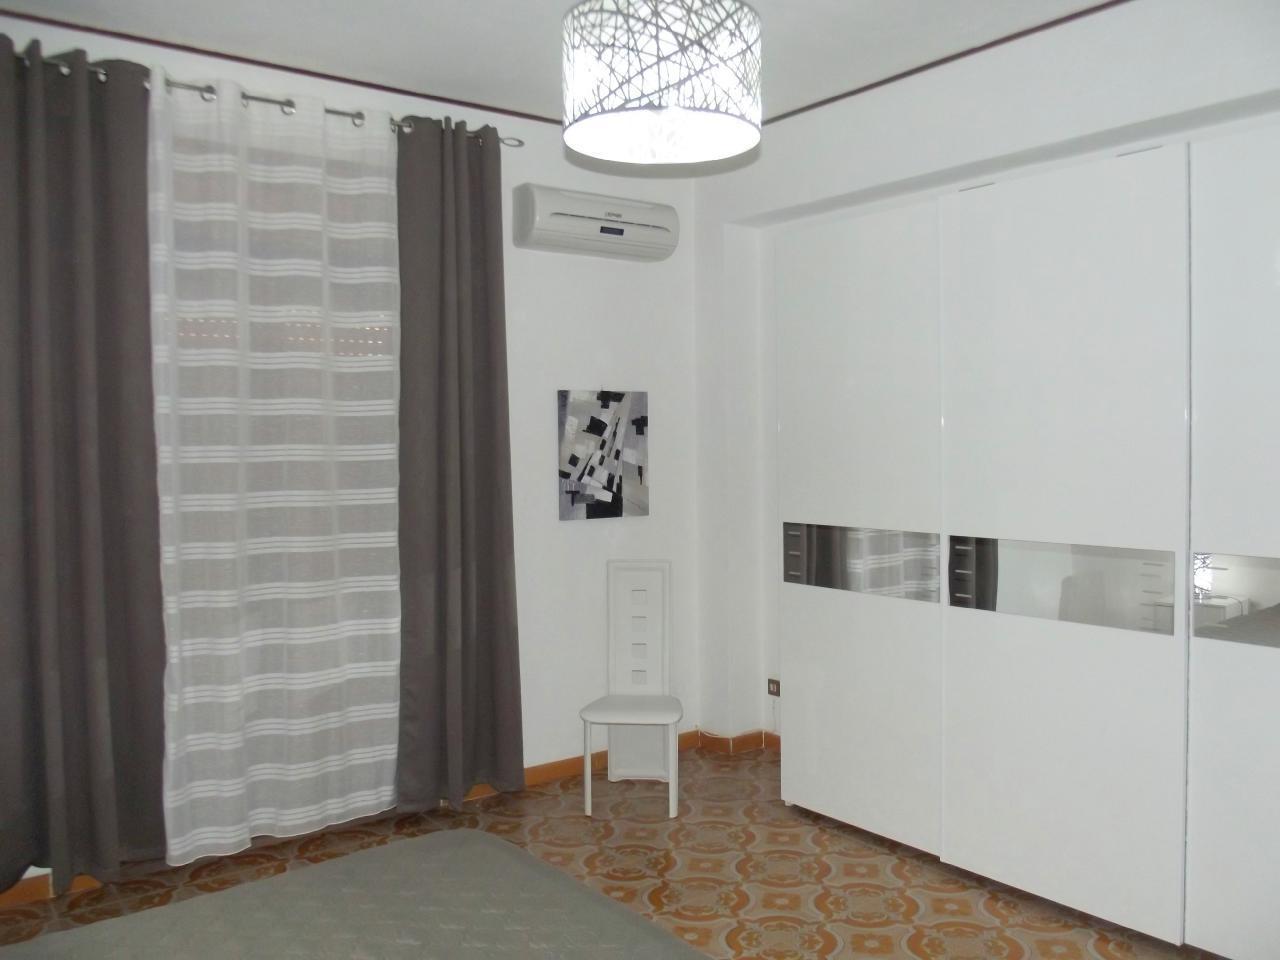 Appartement de vacances Silvy, Elegance Platz und Komfort (732206), Castellammare del Golfo, Trapani, Sicile, Italie, image 11